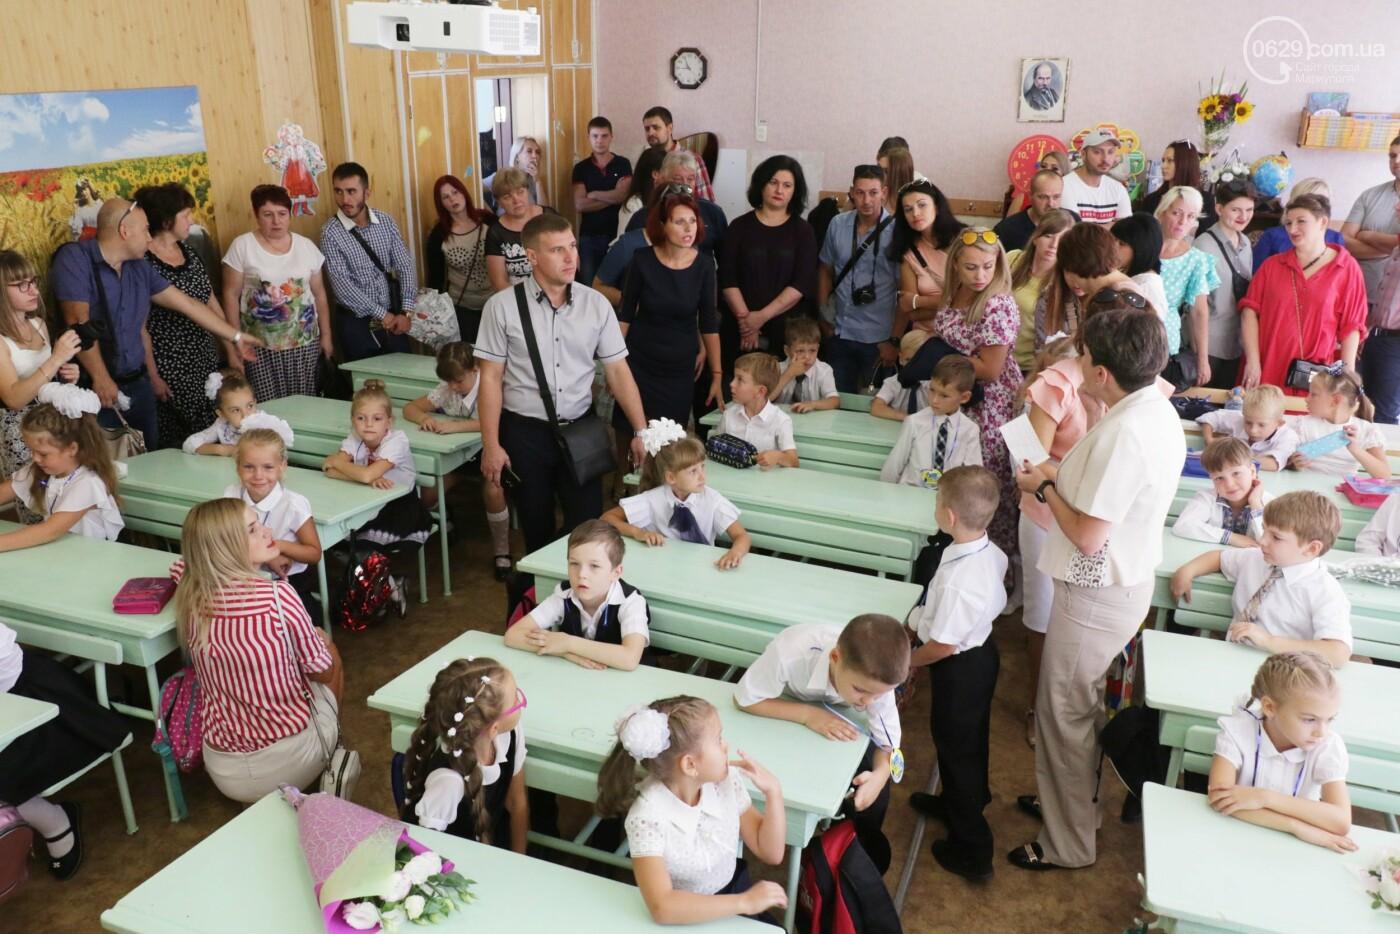 Первый звонок в Новой украинской школе: четыре тысячи первоклашек сели за парты в Мариуполе, - ФОТОРЕПОРТАЖ, фото-10